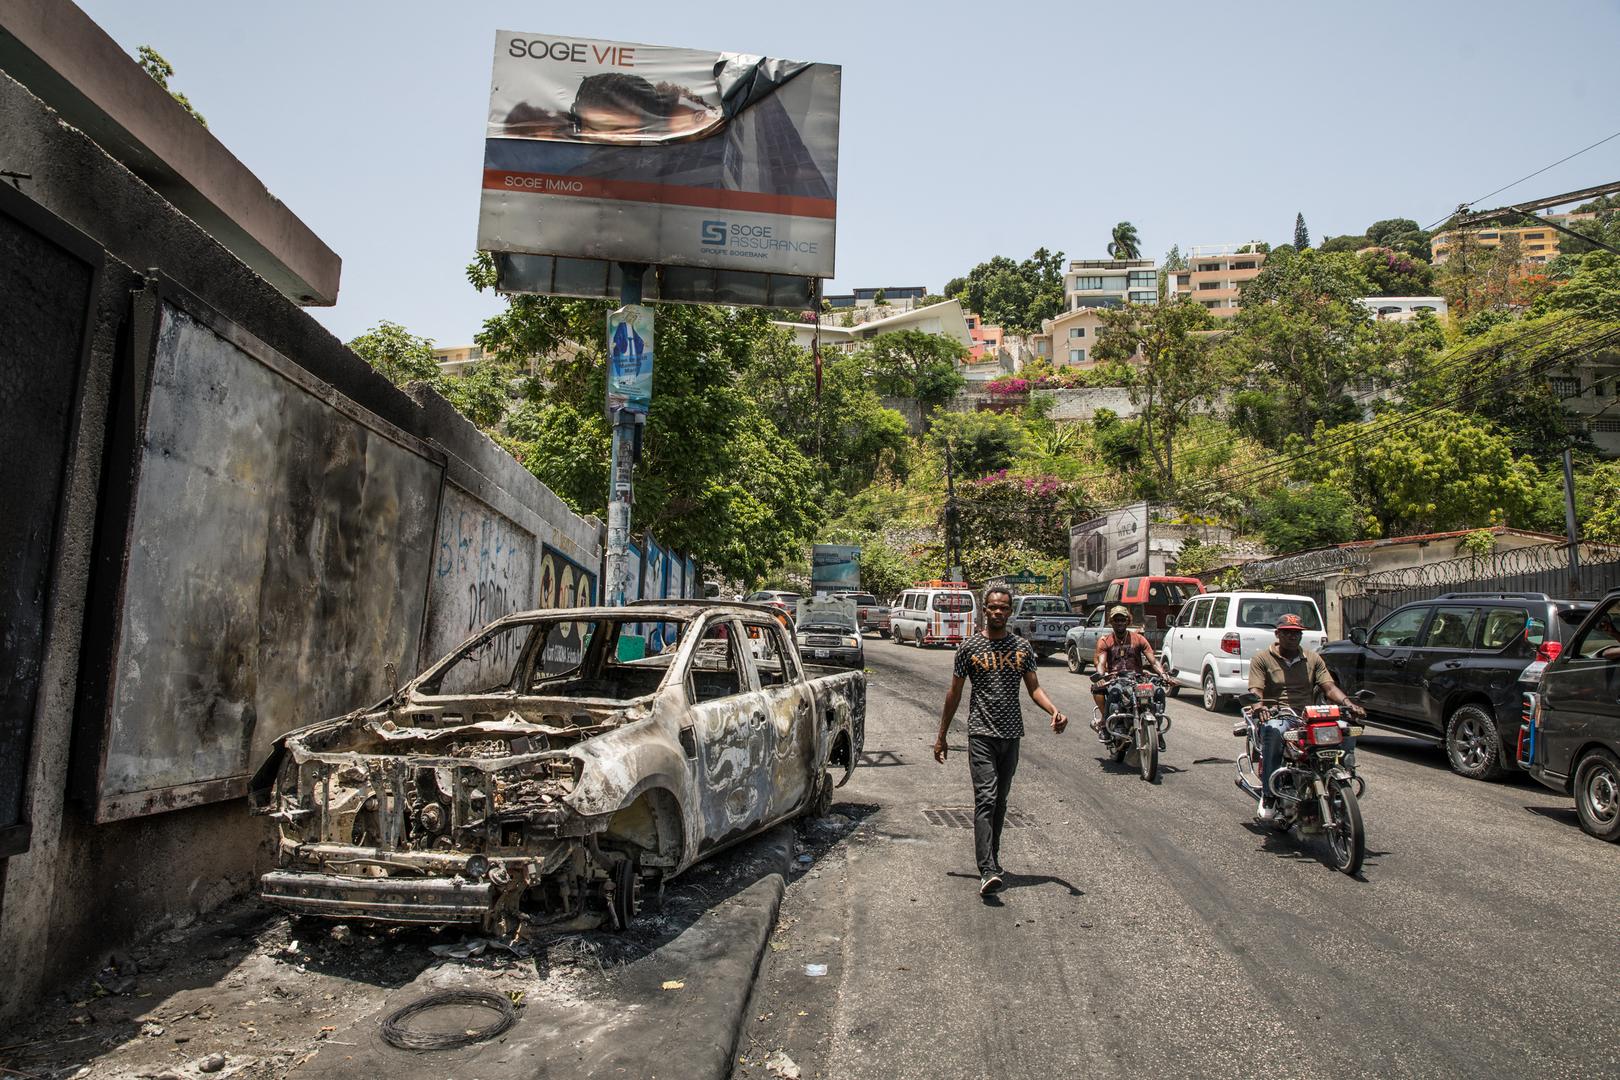 هايتي تطلب من الأمم المتحدة إرسال قوات لضمان الأمن في البلاد